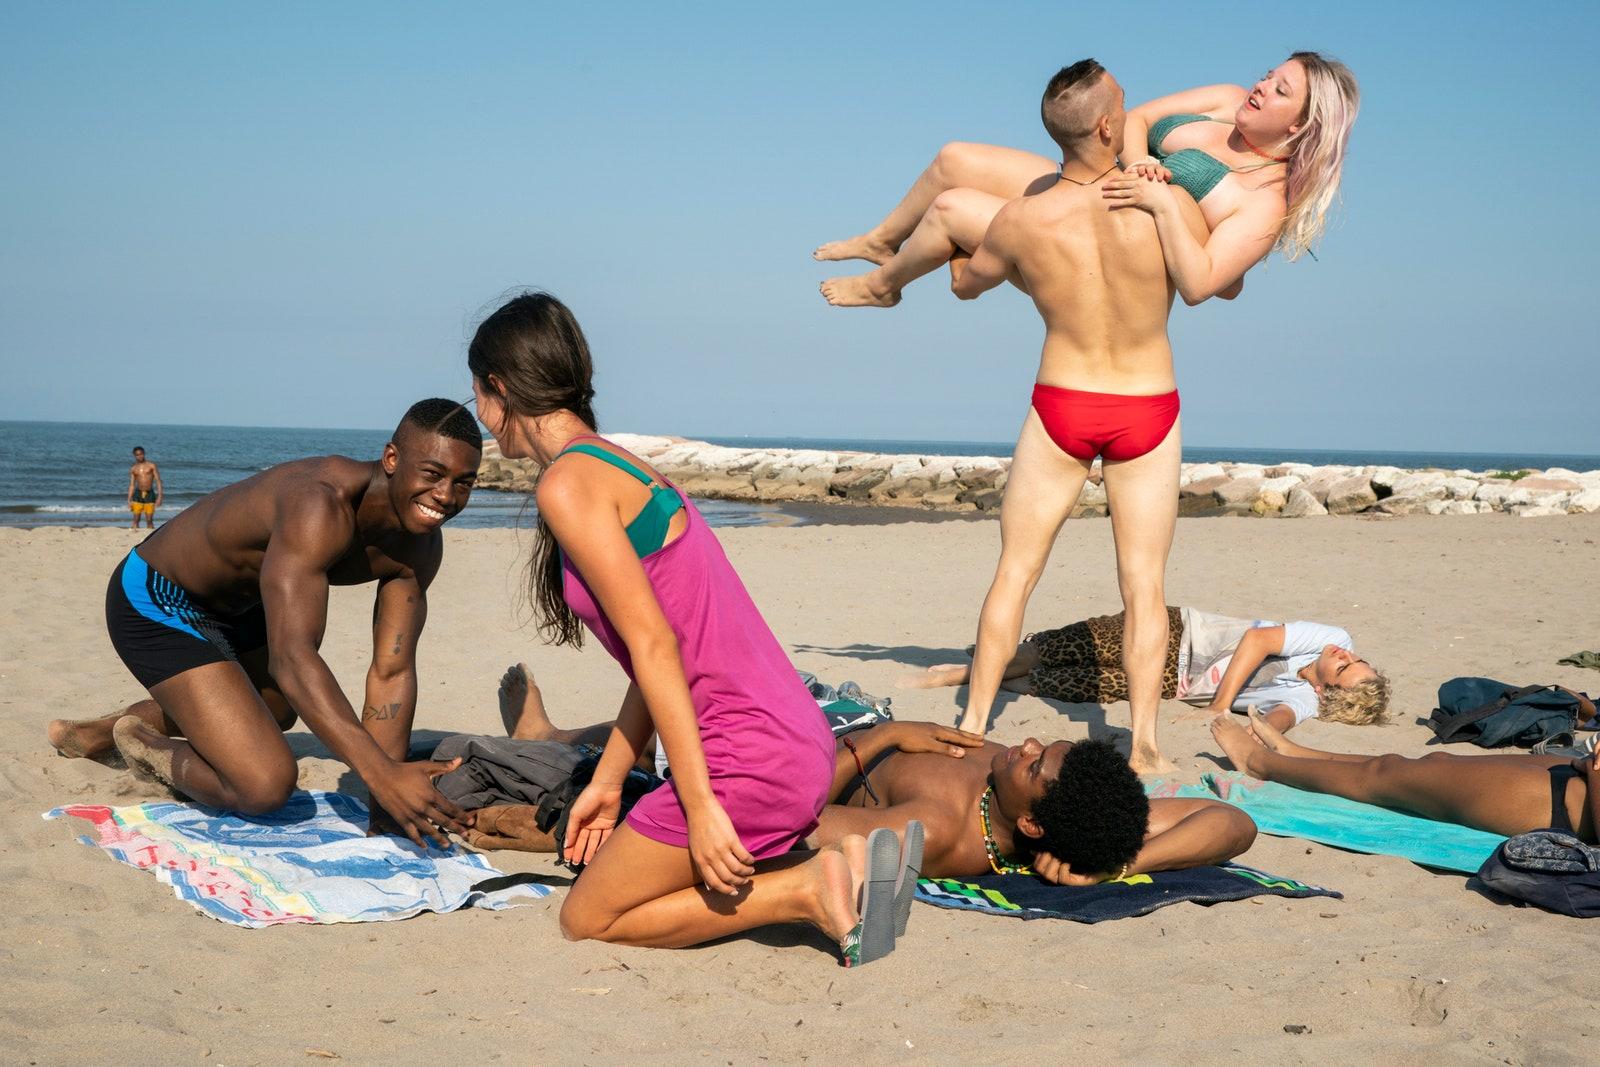 Os adolescentes estão na praia. Deitados na areia estão Craig, jovem negro e de sunga azul, Danny, negro e de shorts azul, Fraser, branco e de calça estampada de oncinha e camiseta branca. Francesca, menina branca e loira, é pegada no colo por um garoto alto, que está usando sunga vermelha.